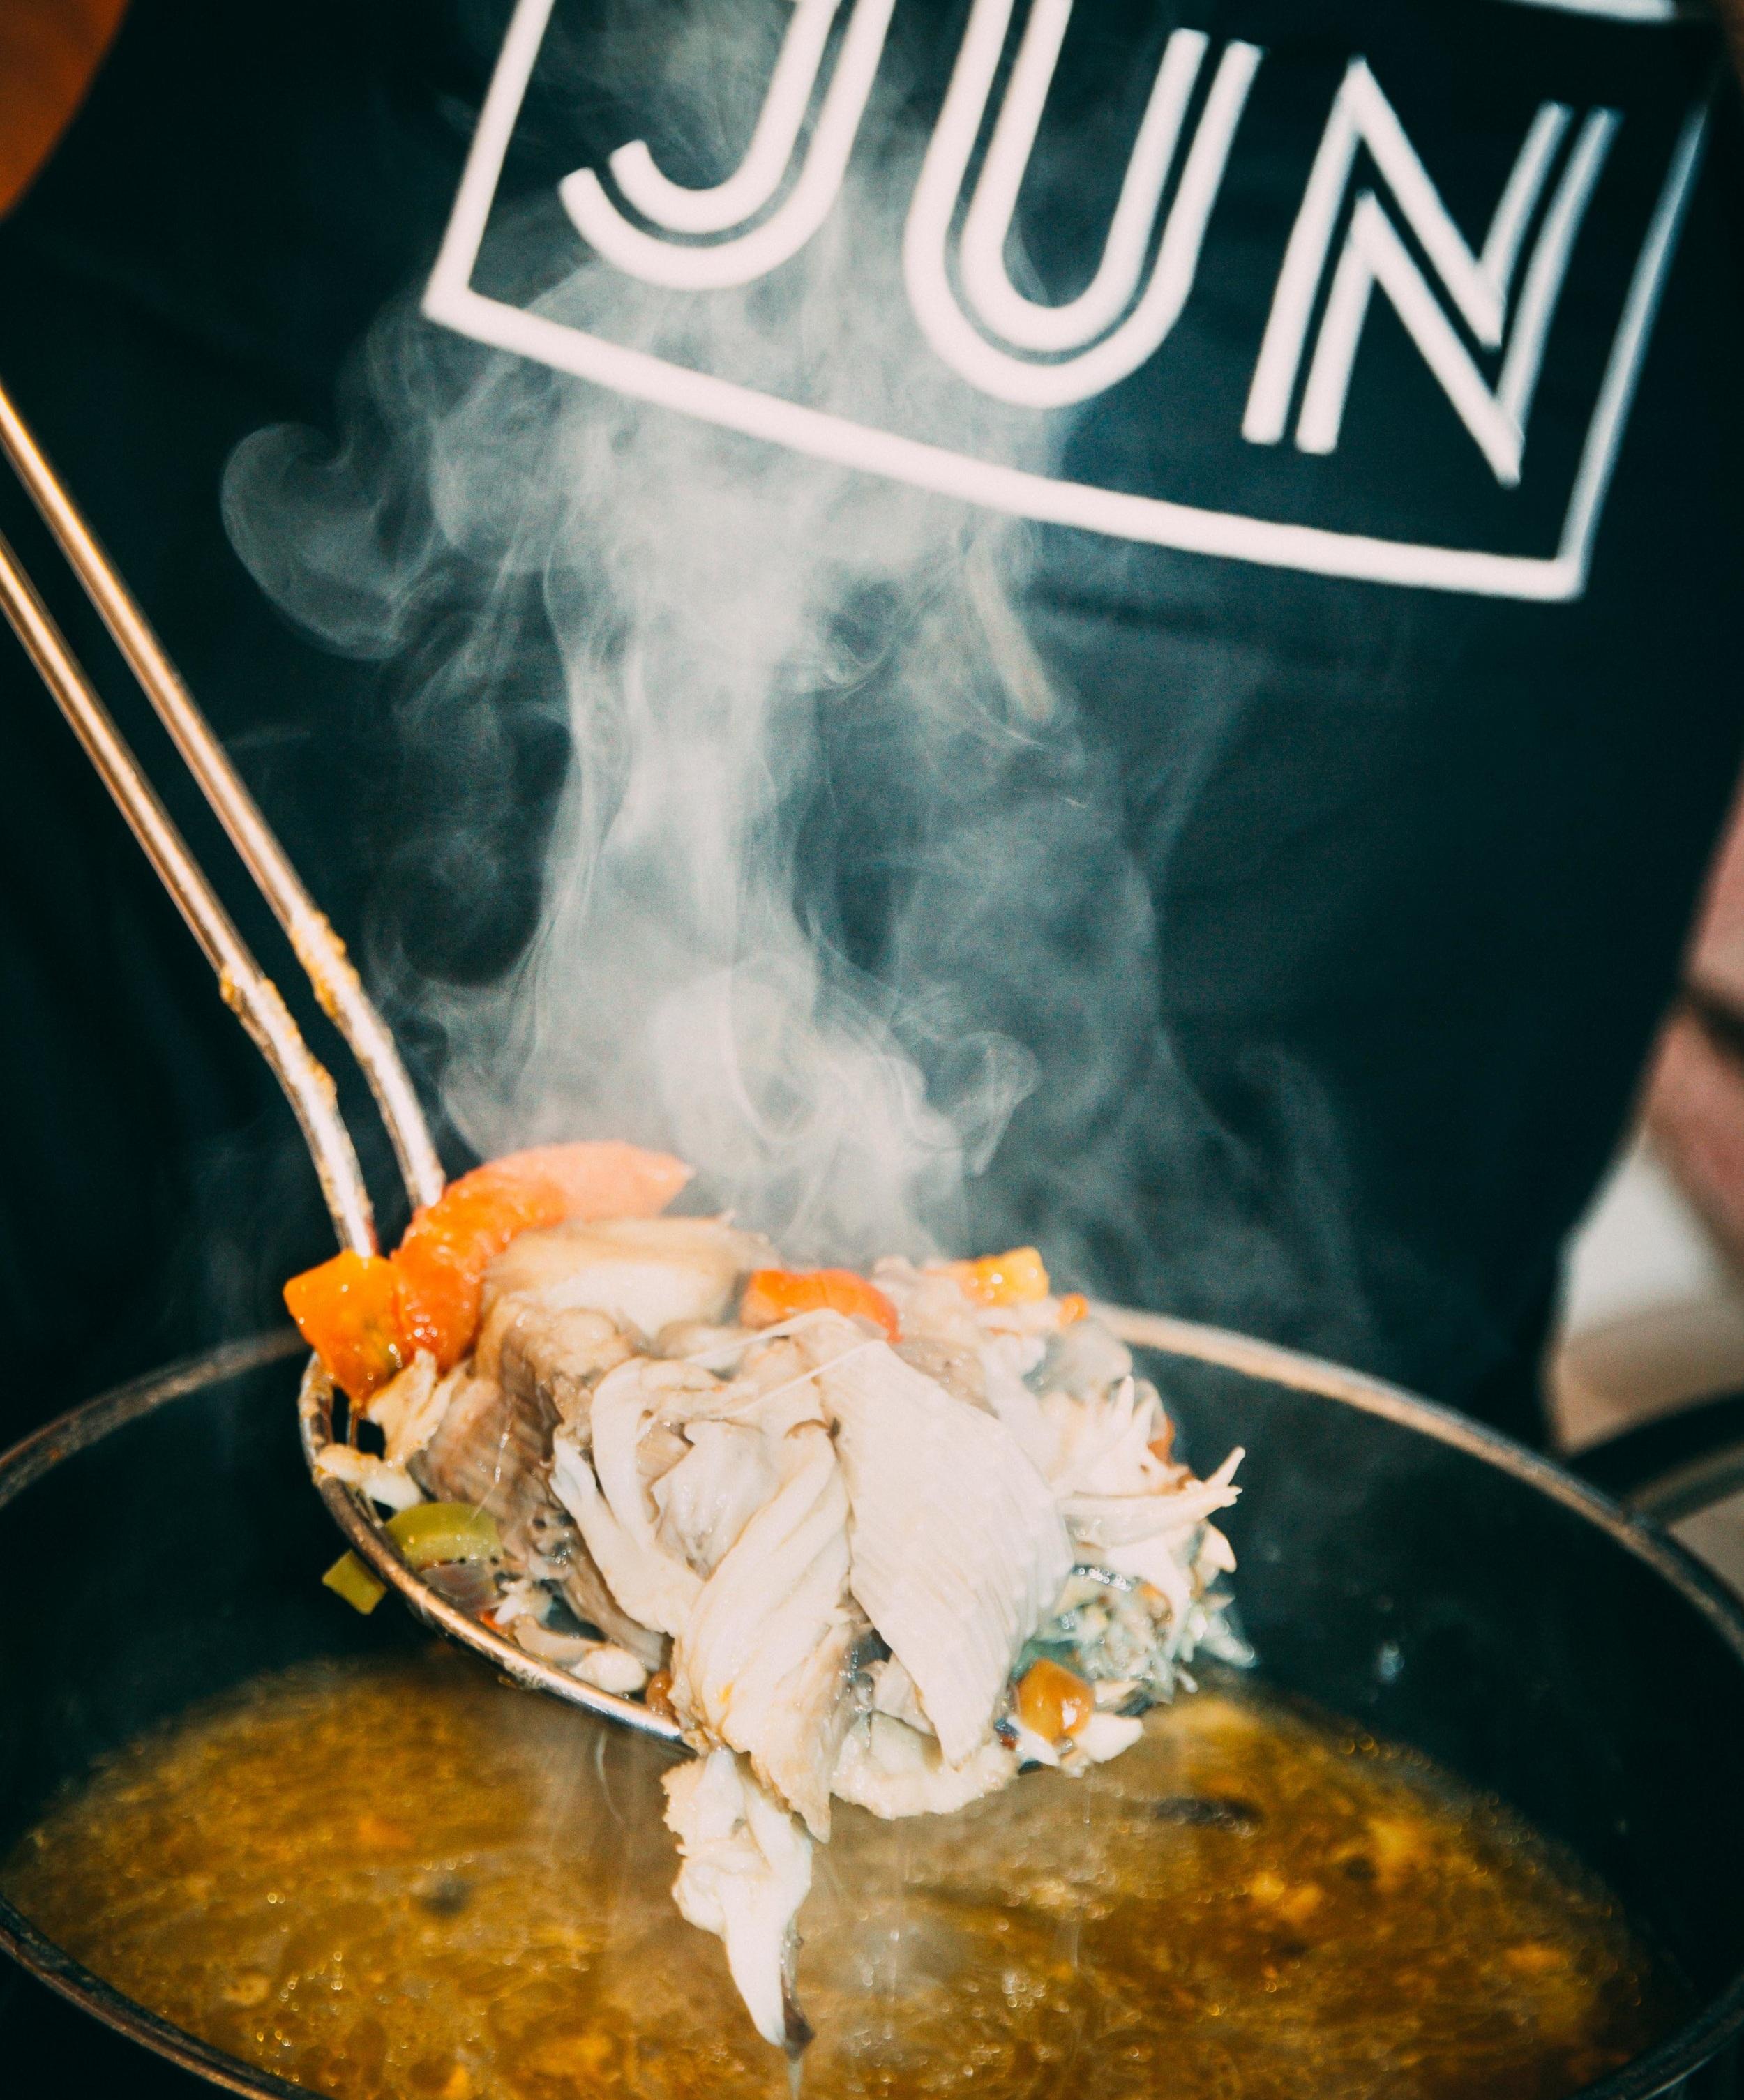 Fisch-Fond nach JUN's Hausrezept